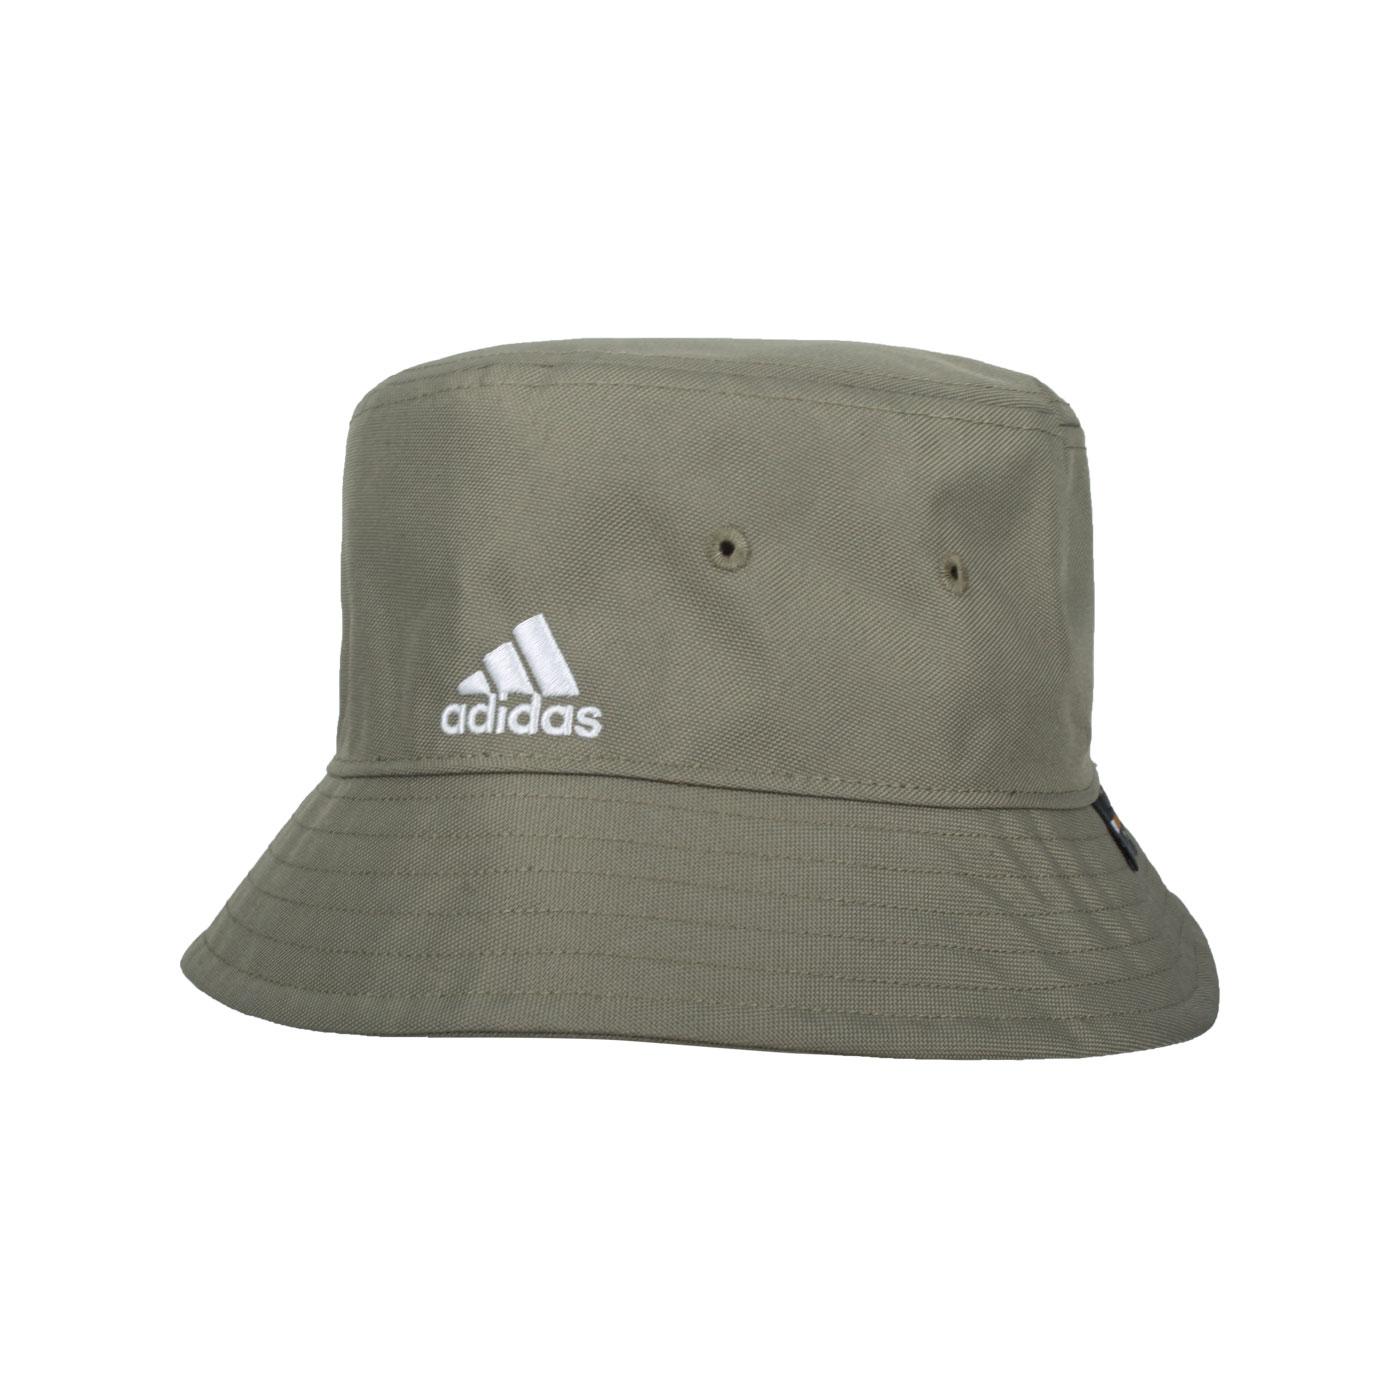 ADIDAS 漁夫帽 GV6548 - 軍綠白